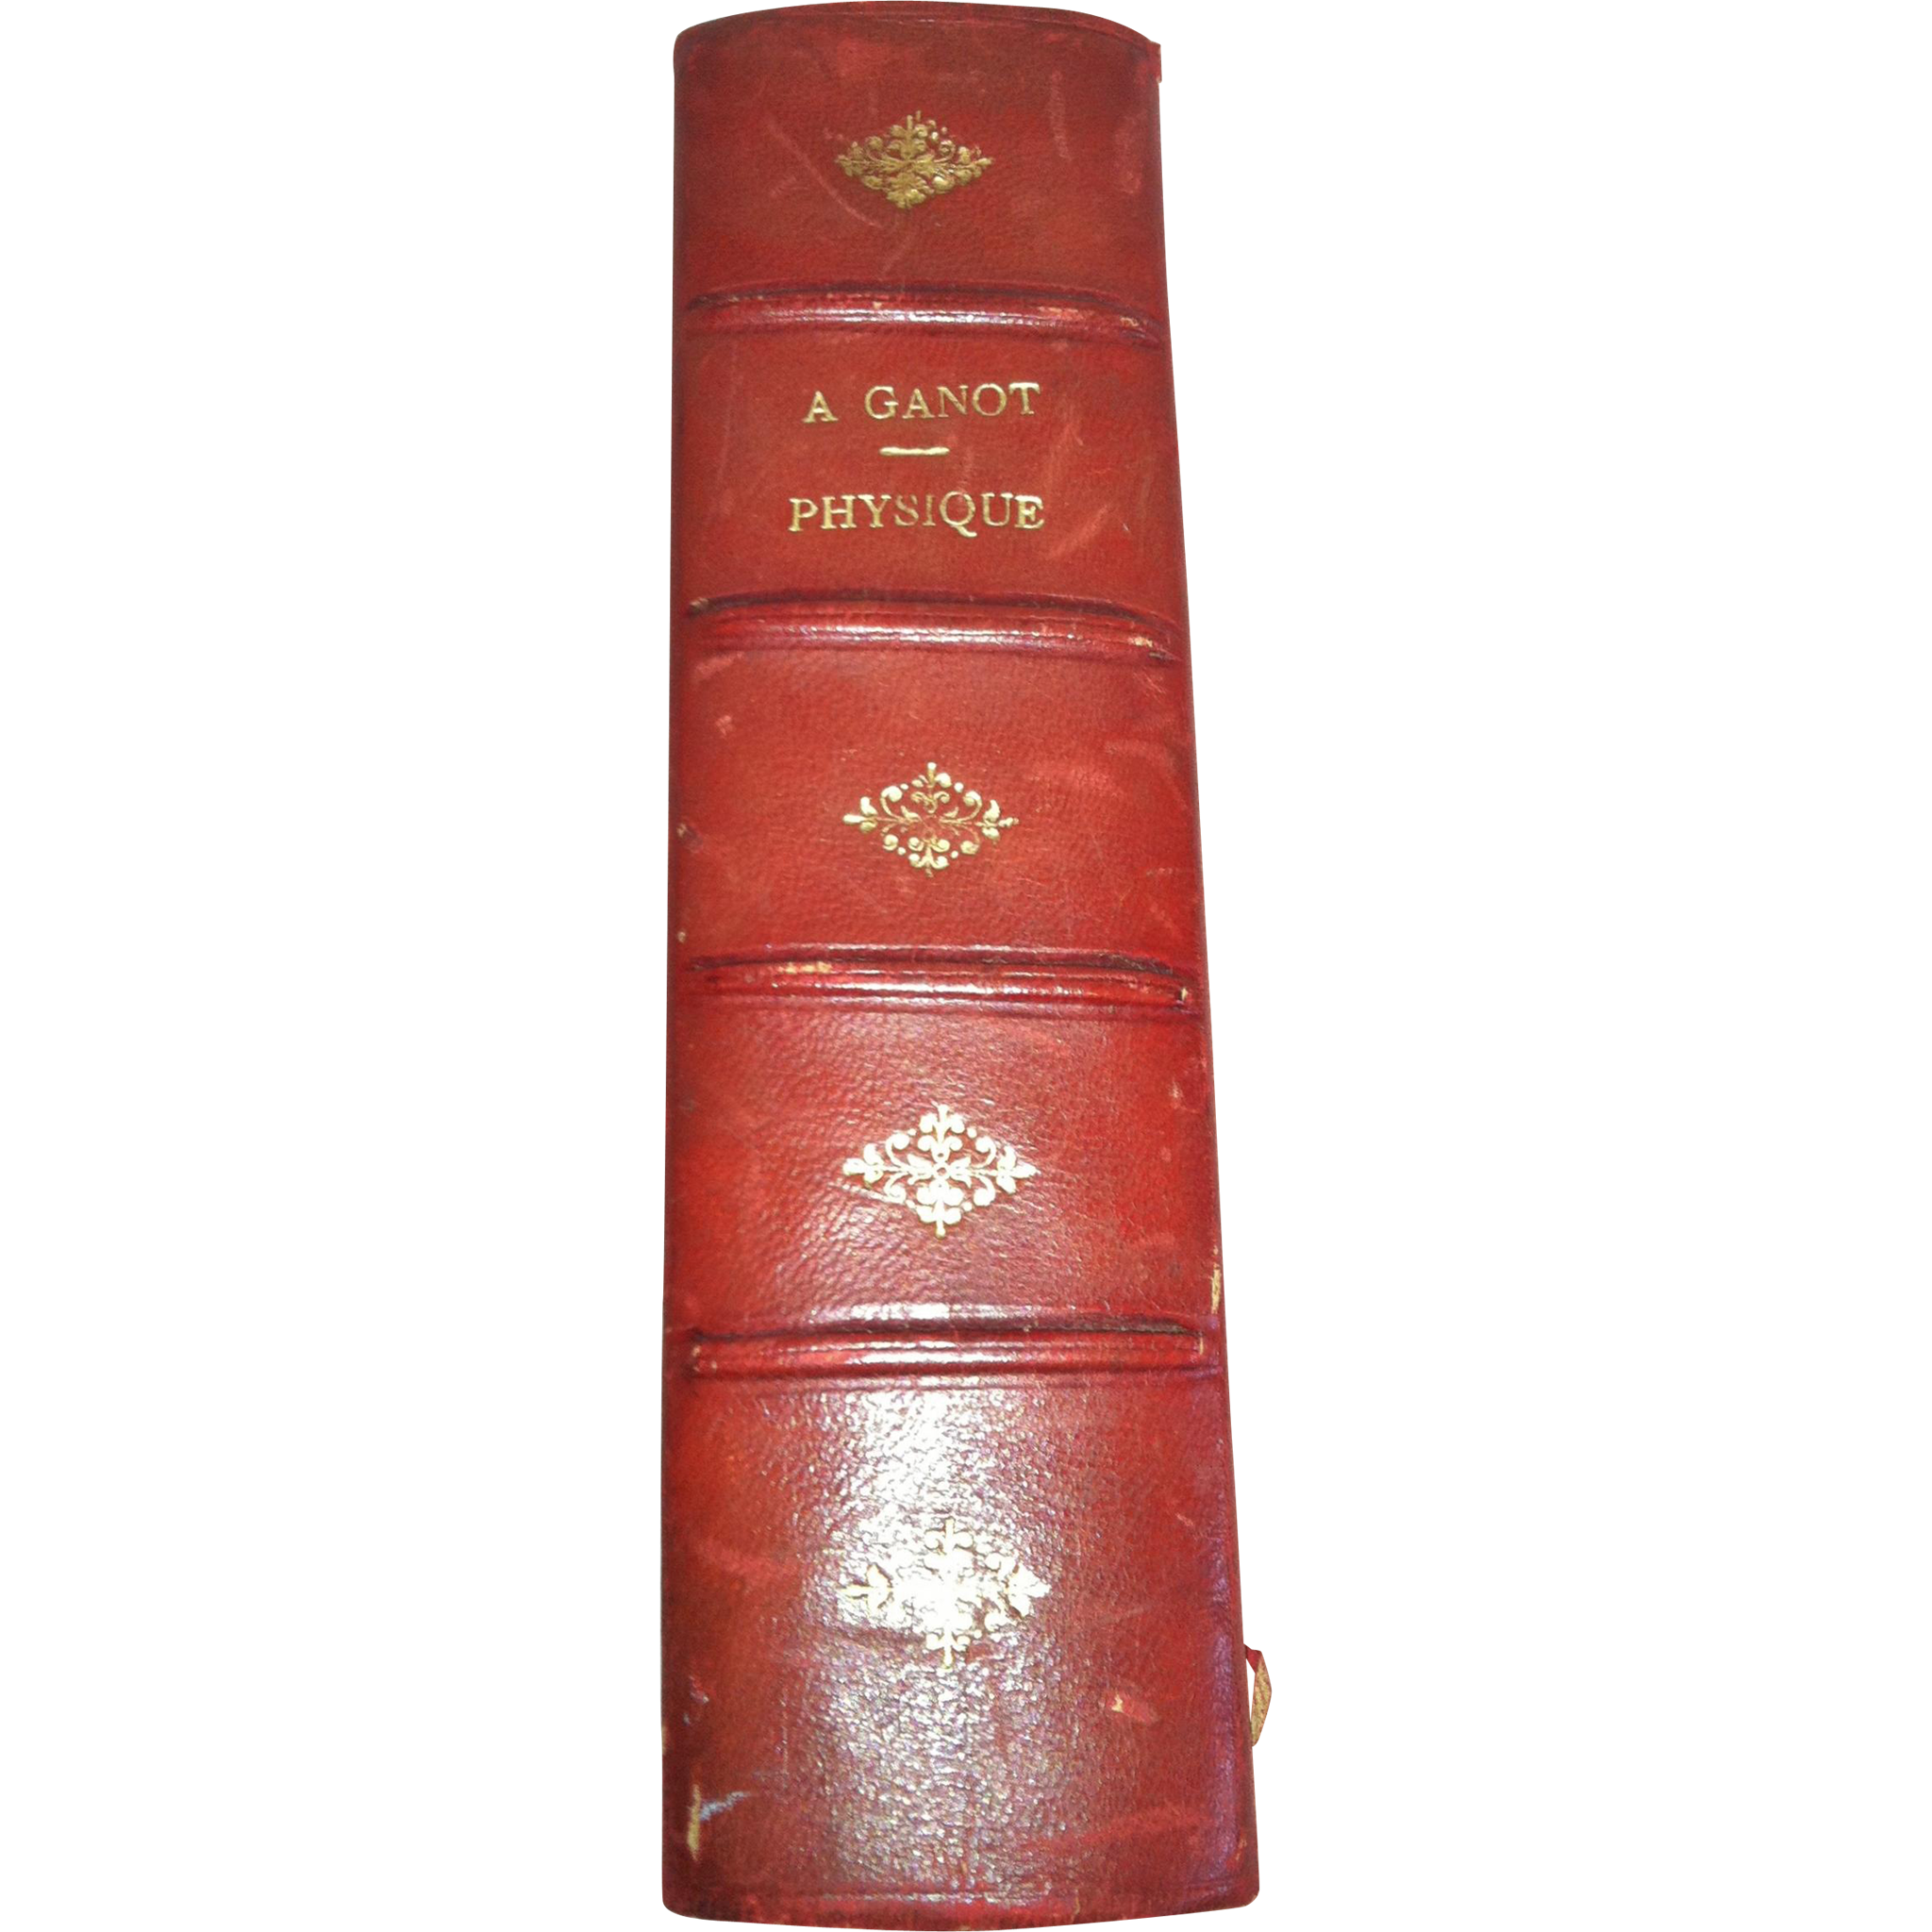 """1880 Book """"Traite' de Physique-A.Ganot, Experiments et Appliques et Meterologie"""""""